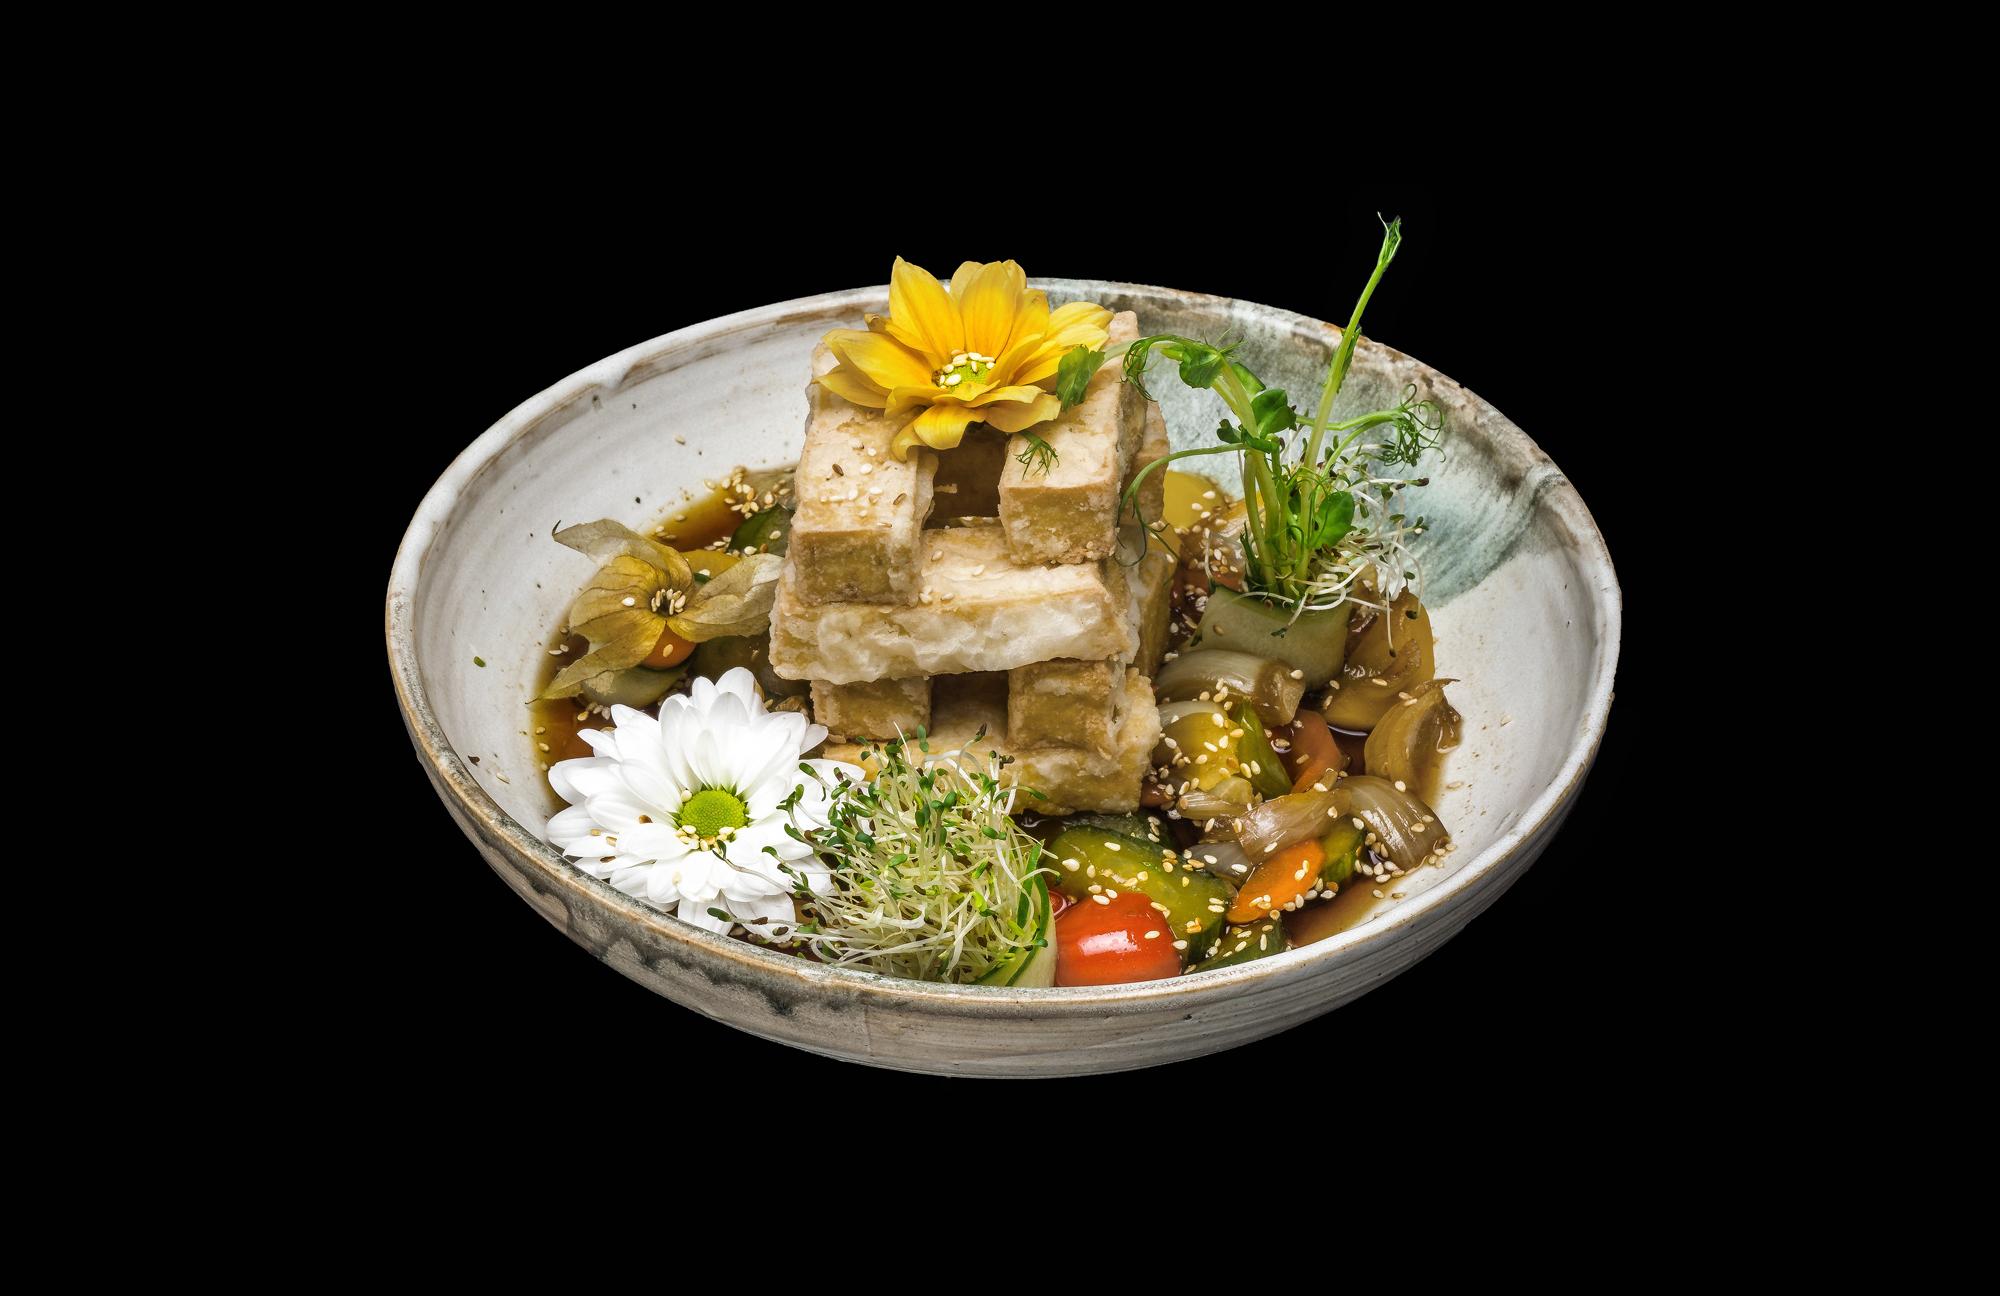 agedashi tofu- 18 zł smażone tofu podawane z warzywami